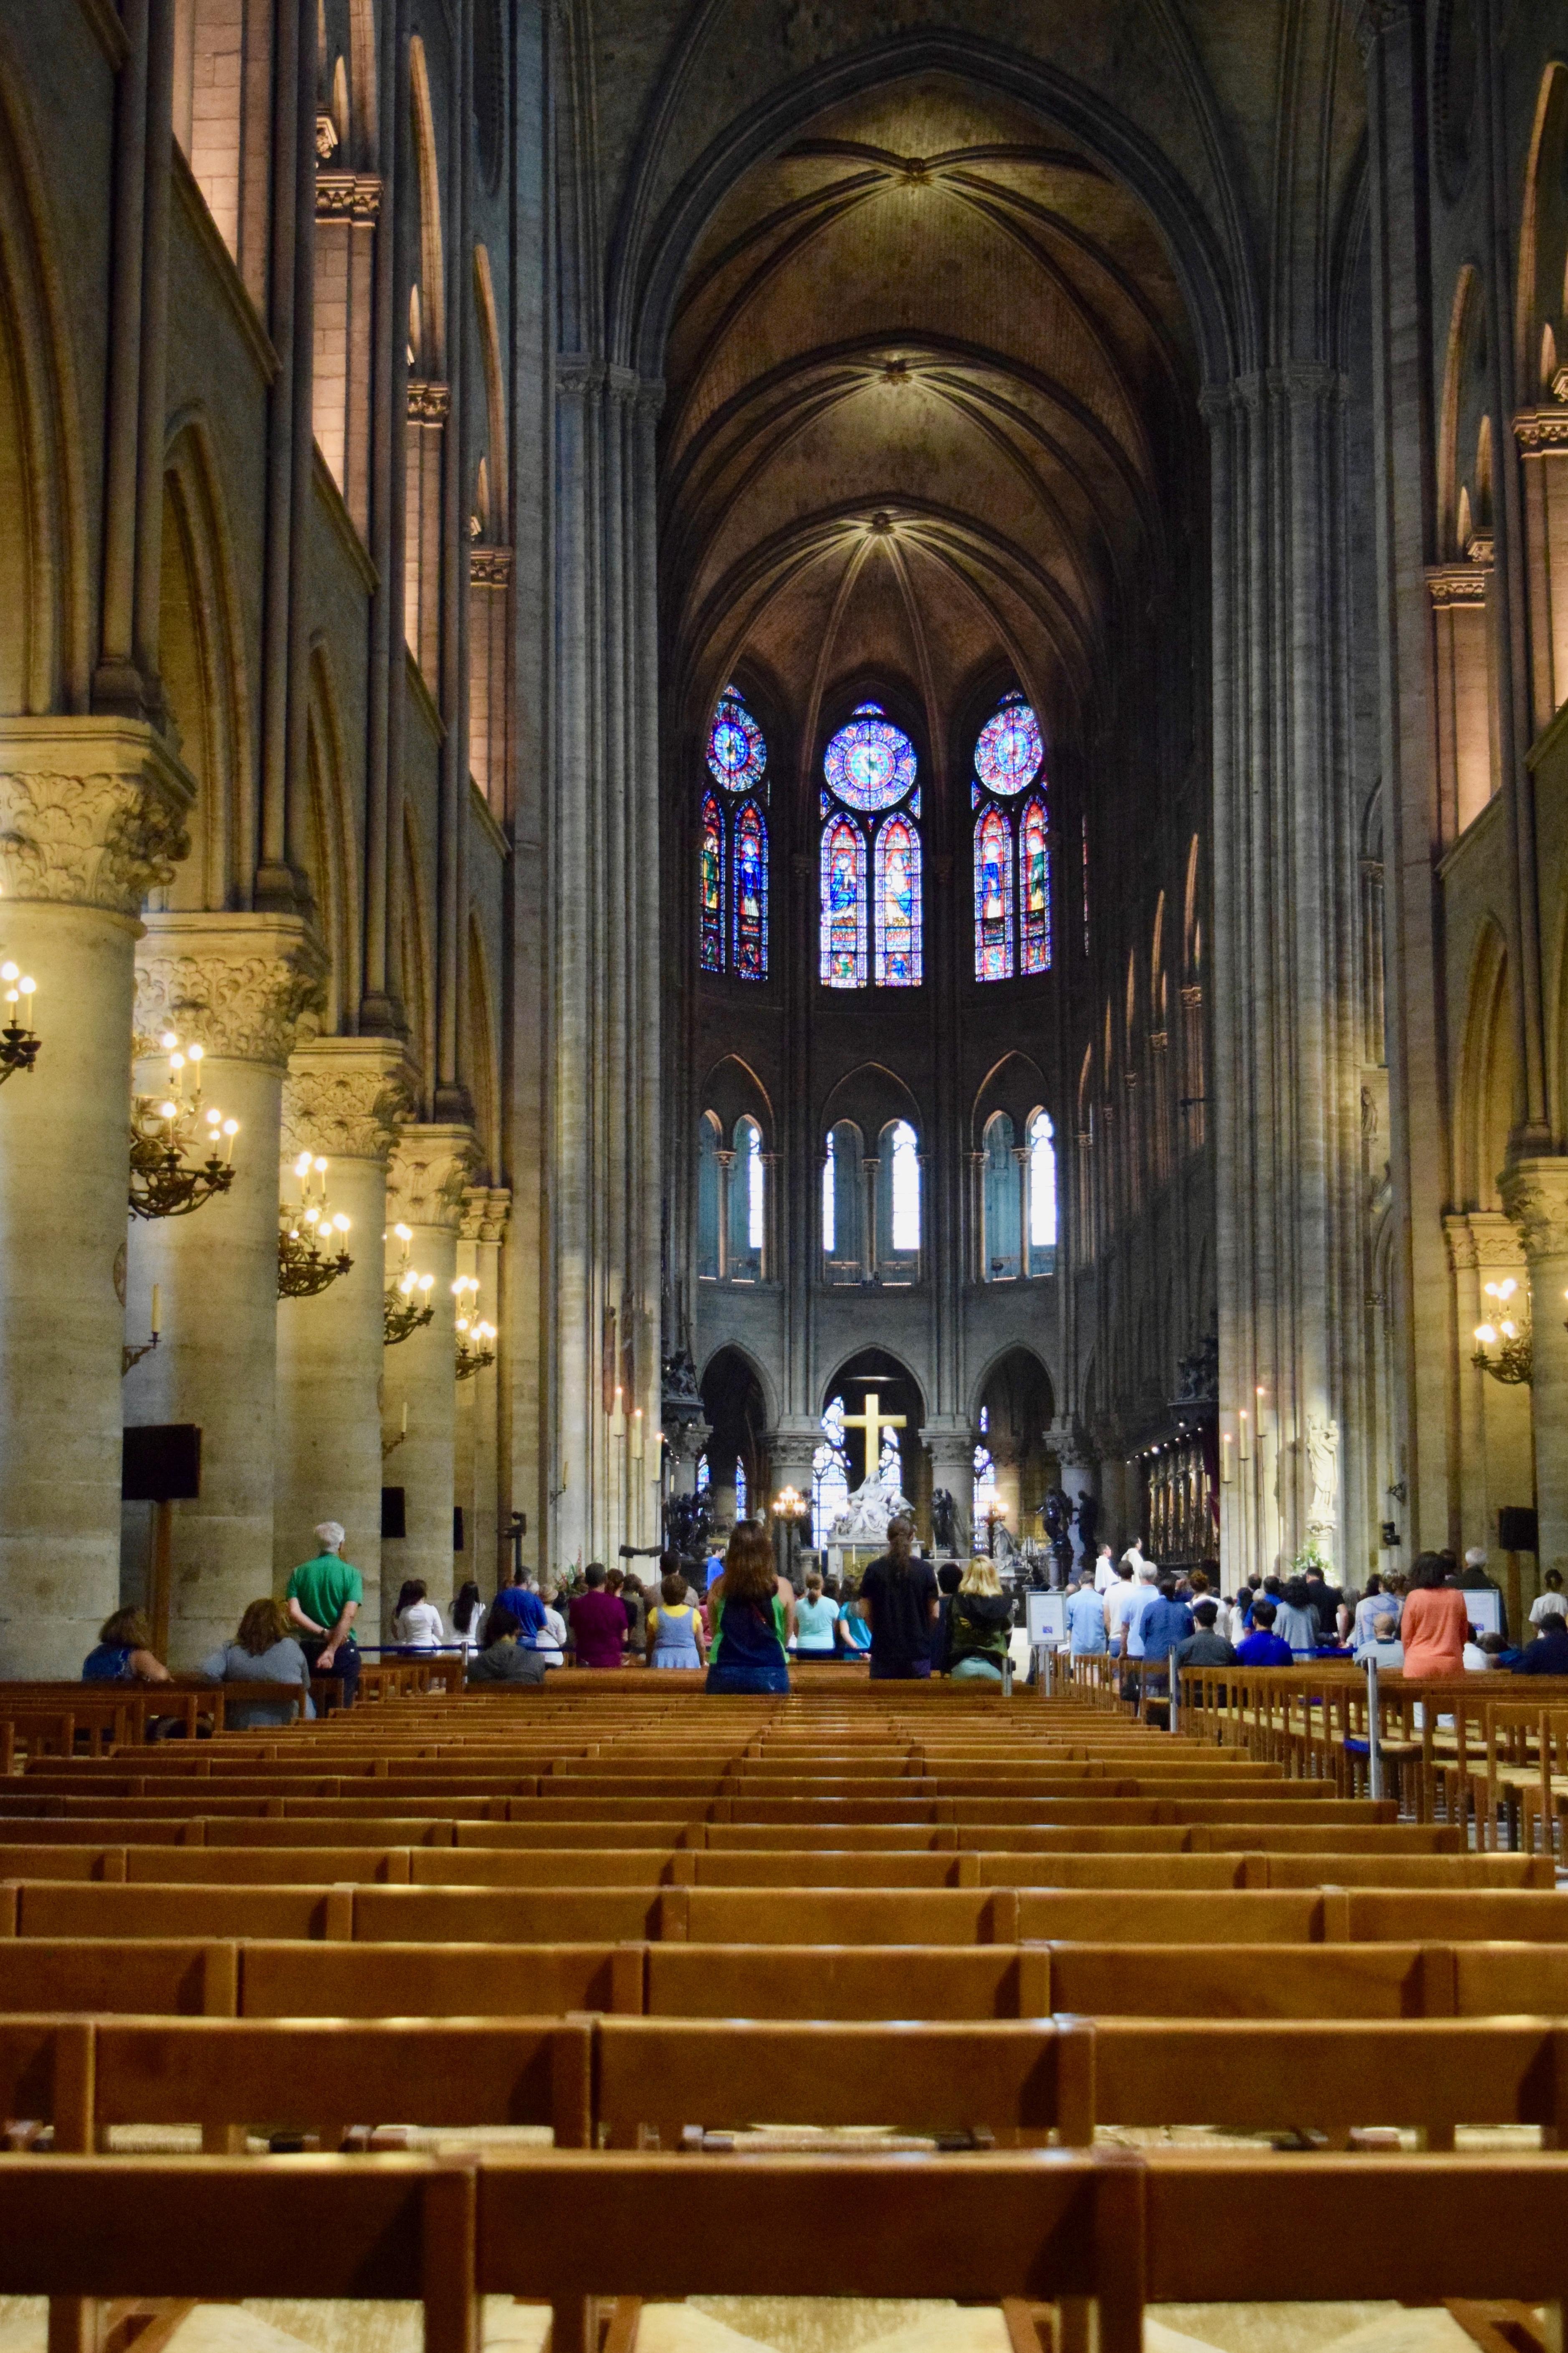 File Nave Y Ventanales De La Catedral De Notre Dame De París Jpg Wikimedia Commons